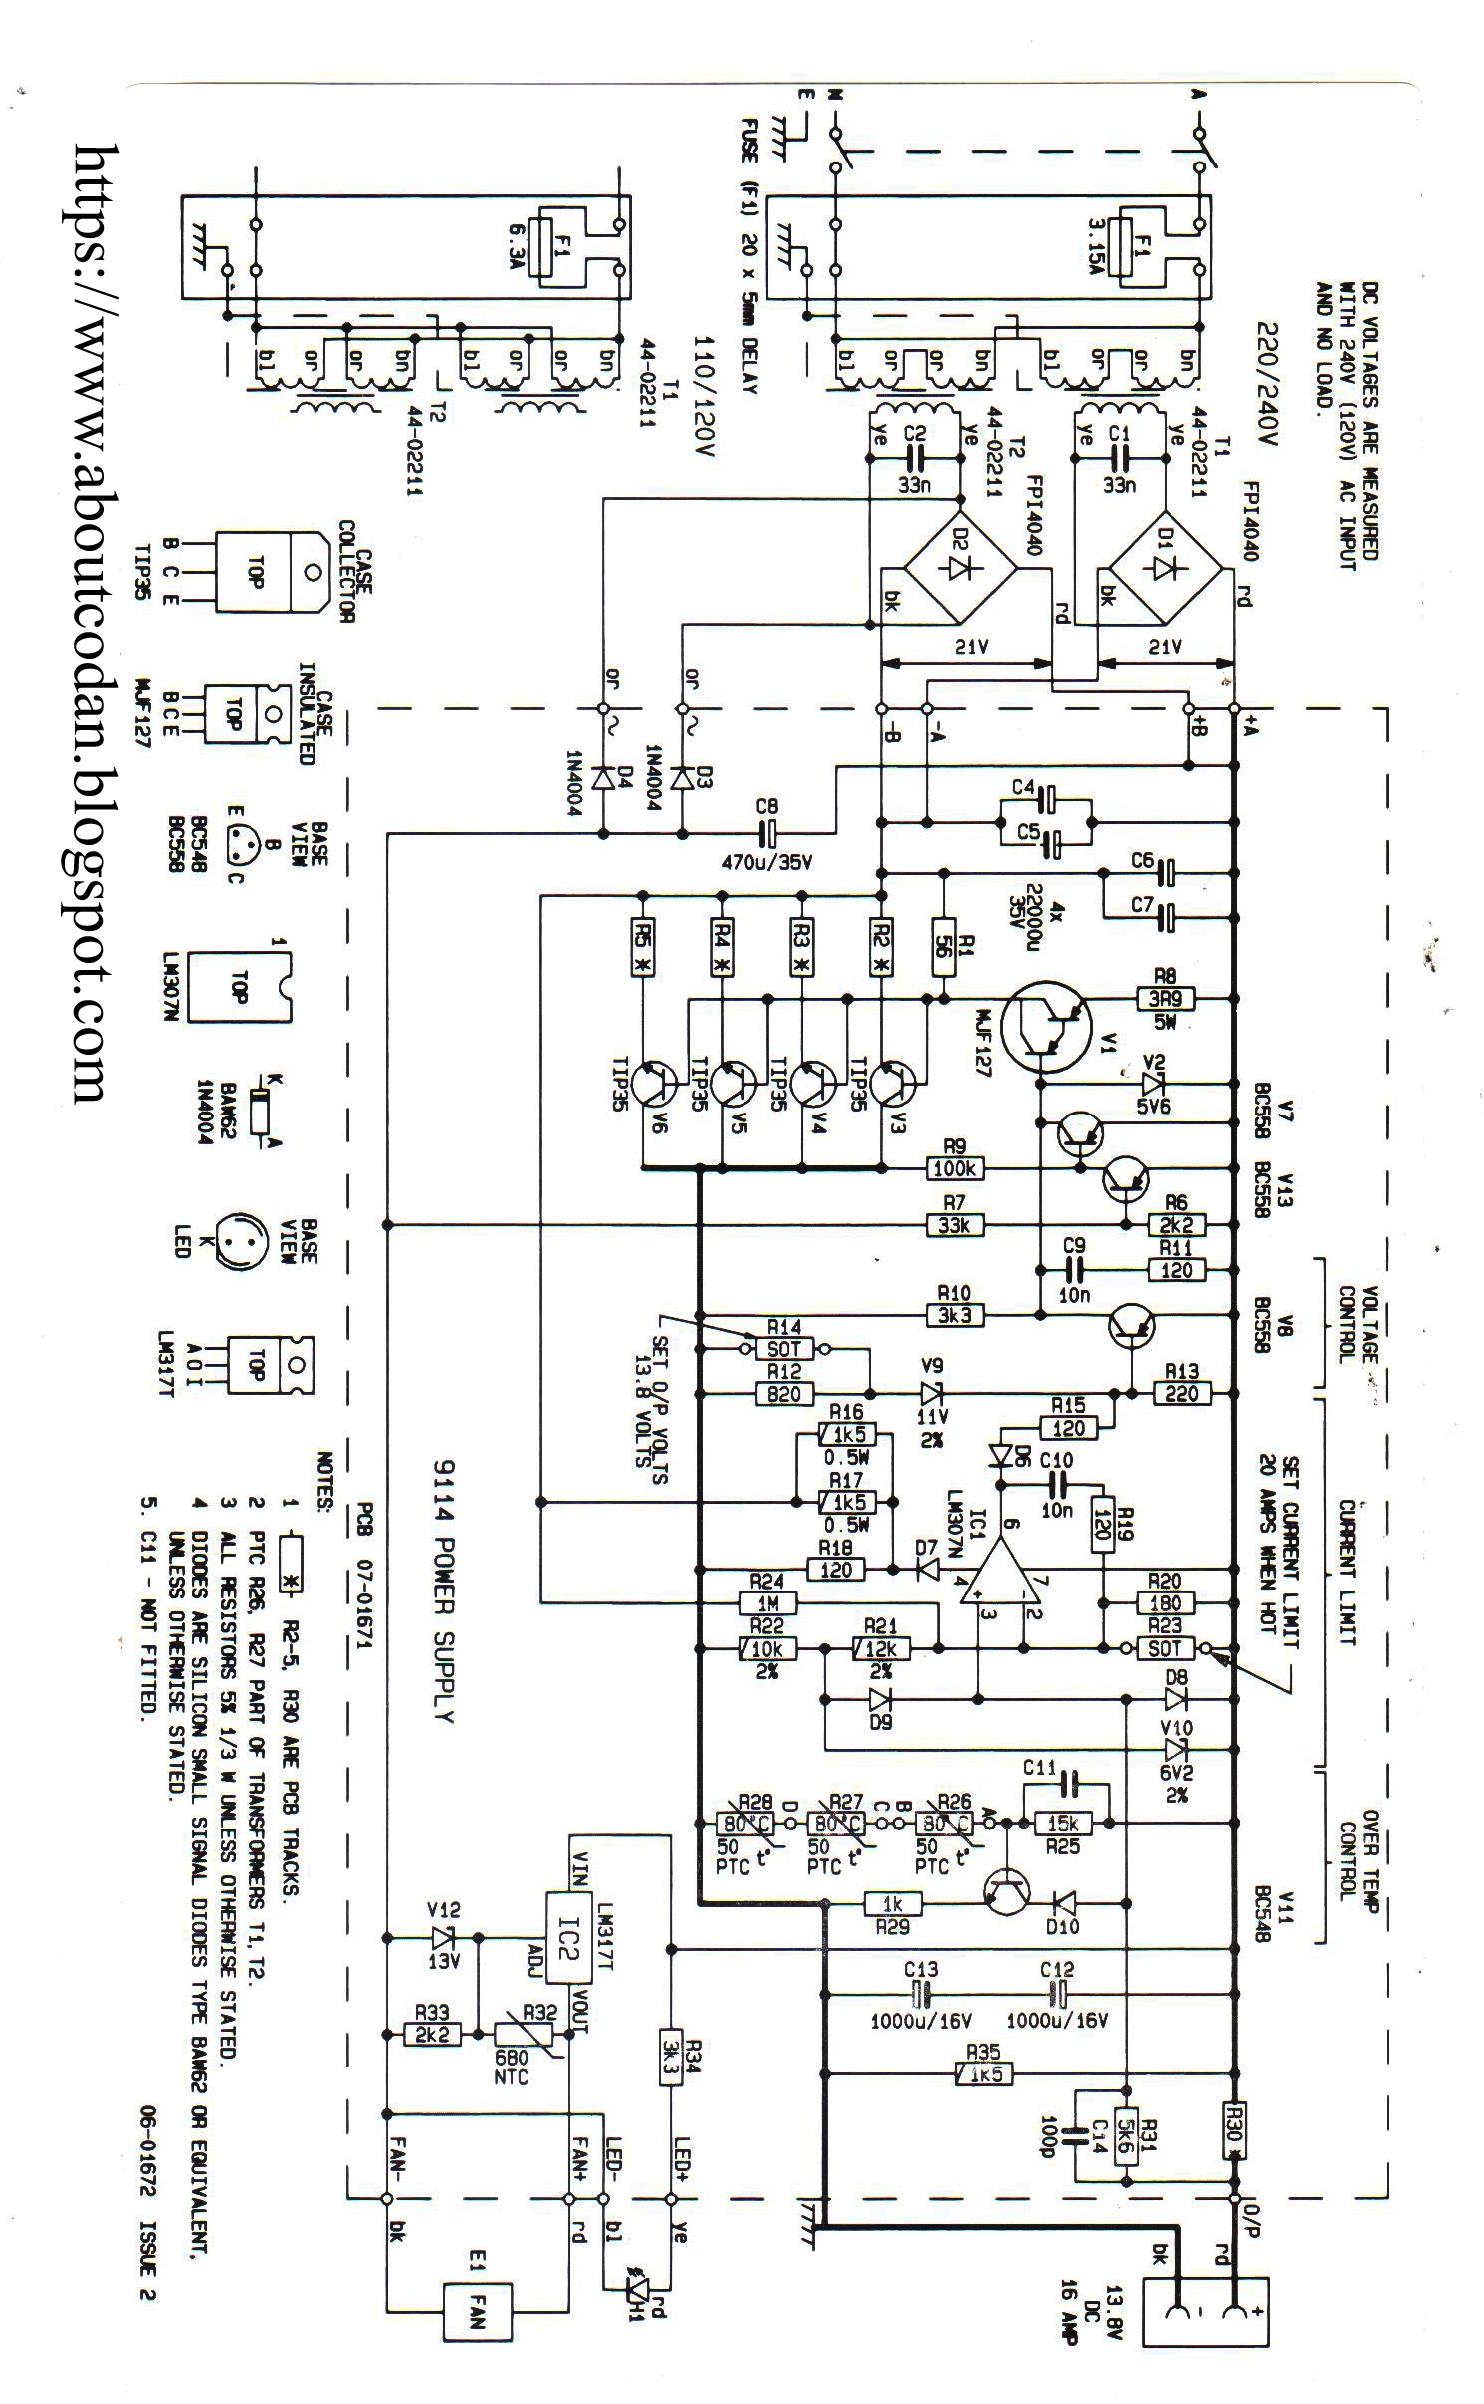 Codan Power Supply Schematic Wiring Diagram Master Blogs Lm338 Adjustable Circuit 9114b Rh Radioscanner Ru 12 Volt